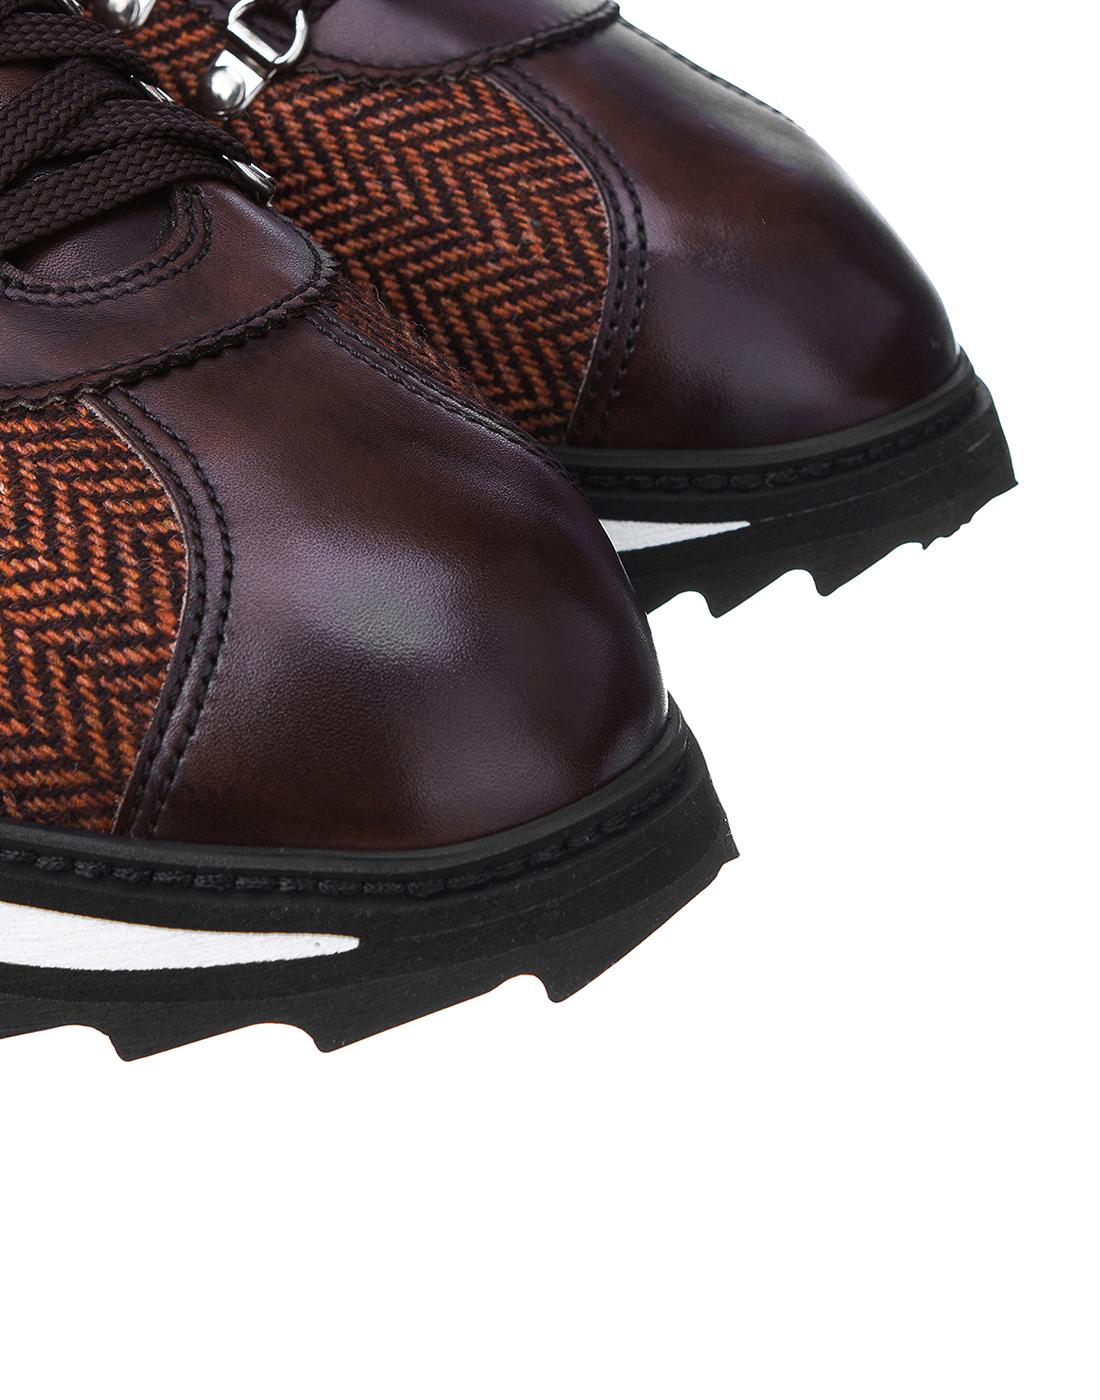 Кроссовки коричневые мужские Doucal's SU2156 03-4